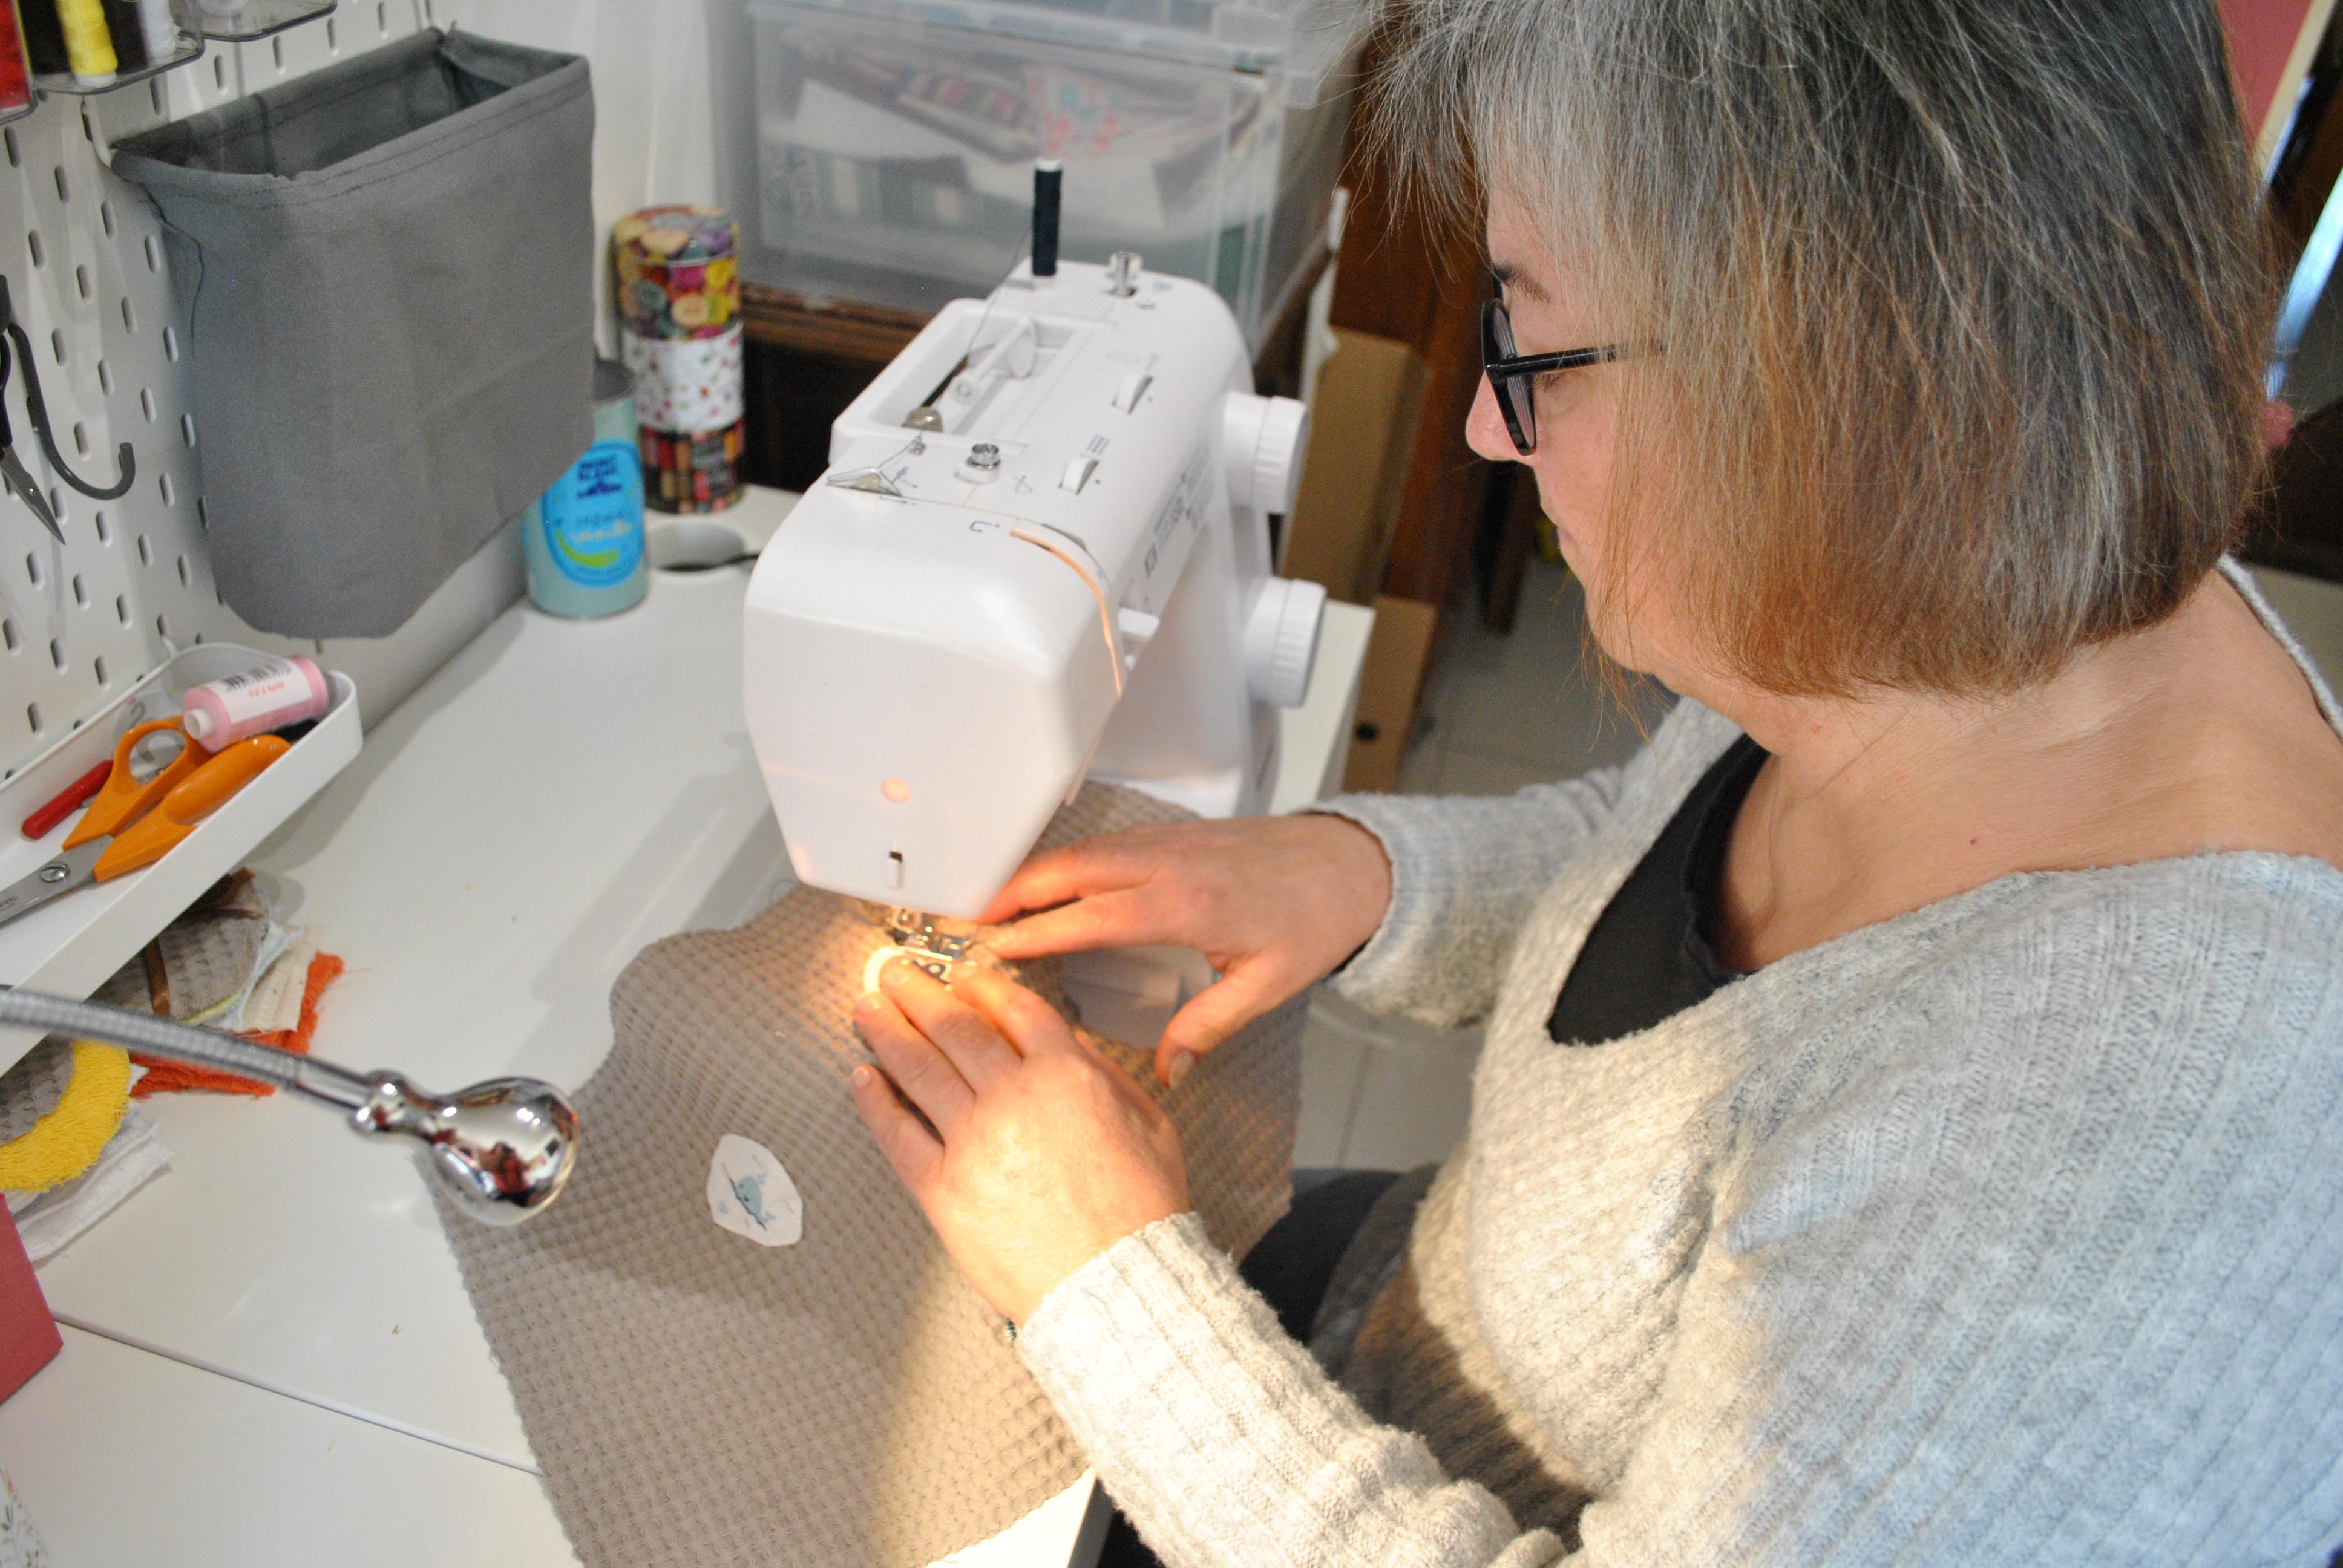 Bienvenue sur mon site. Je suis Mamounette et je vais vous partager ici ma passion pour la couture à travers mes créations. J'espère vous donner envie :)